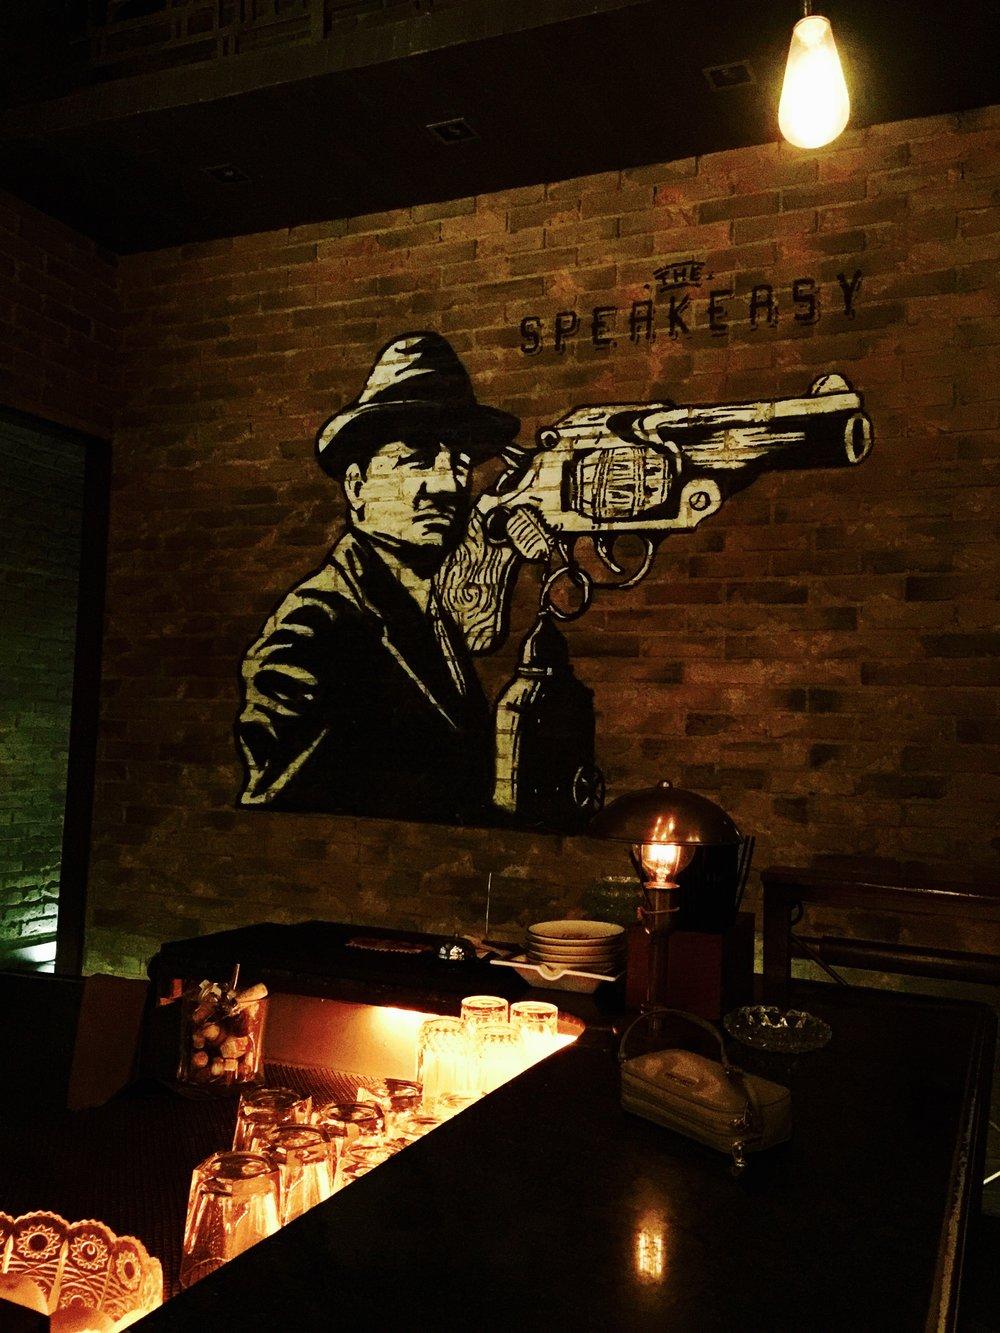 The Speakeasy bar in downtown Jakarta. Nice spot.